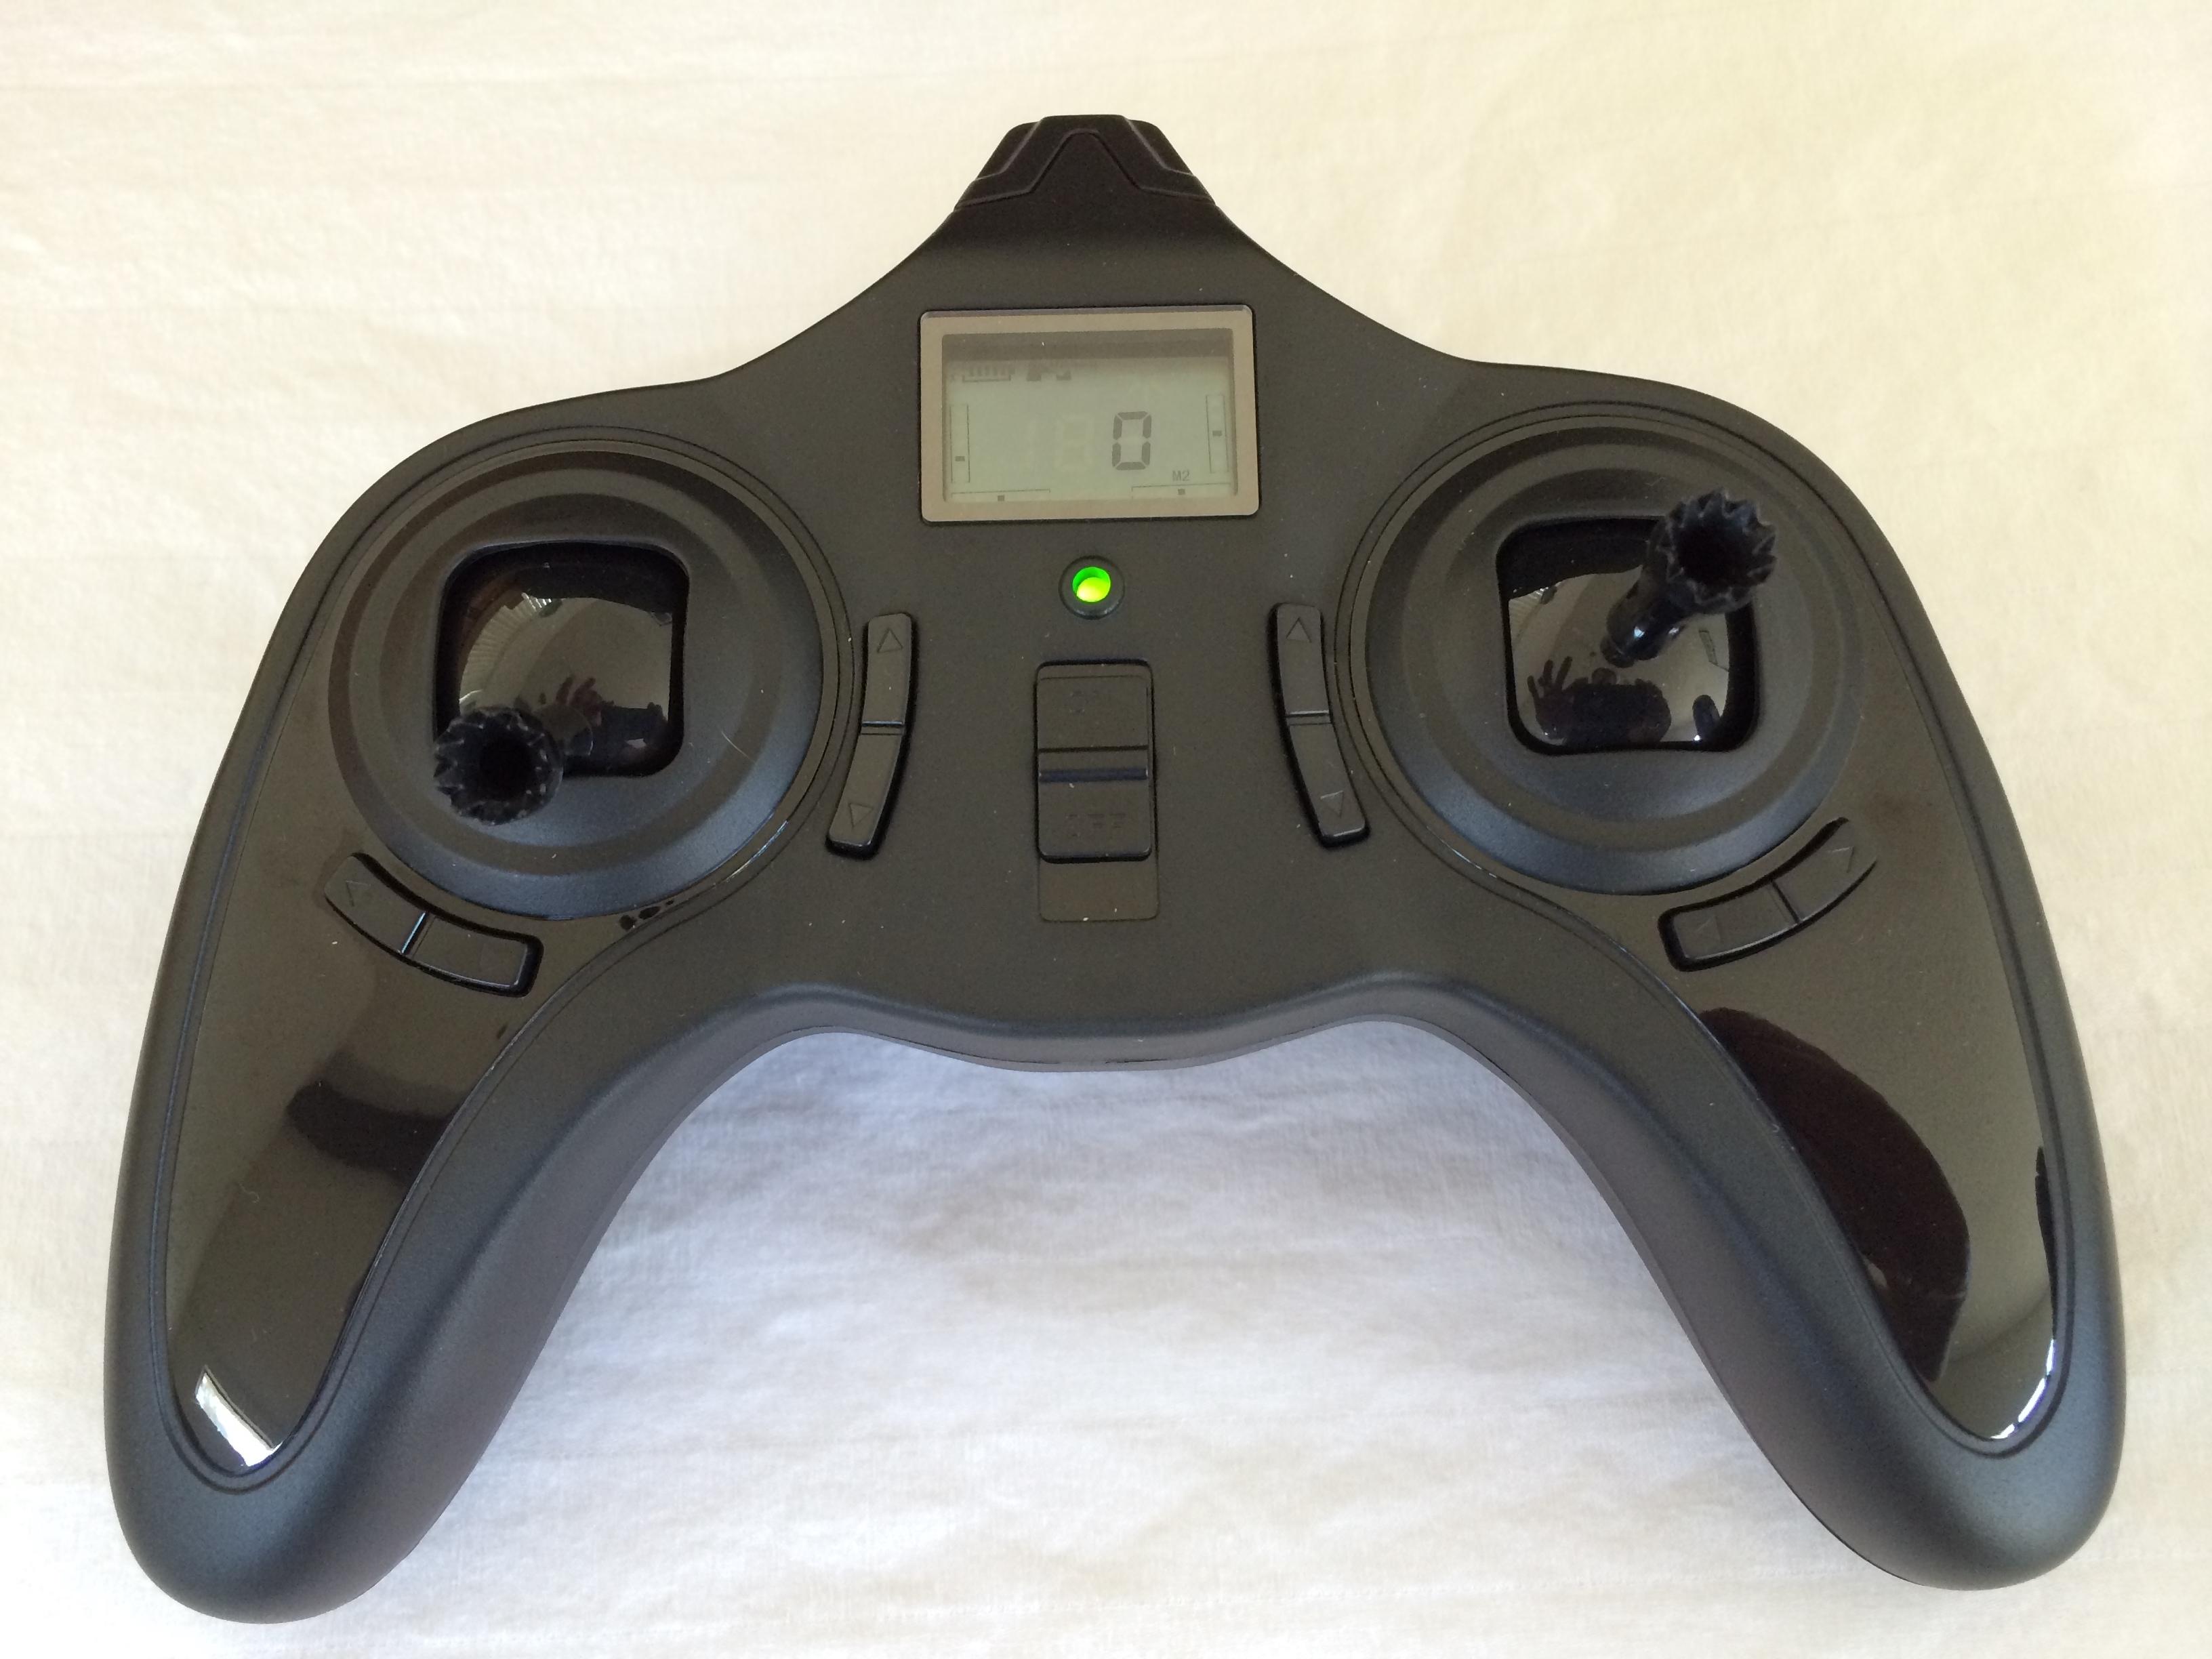 Hubsan-X4-H107c-controller